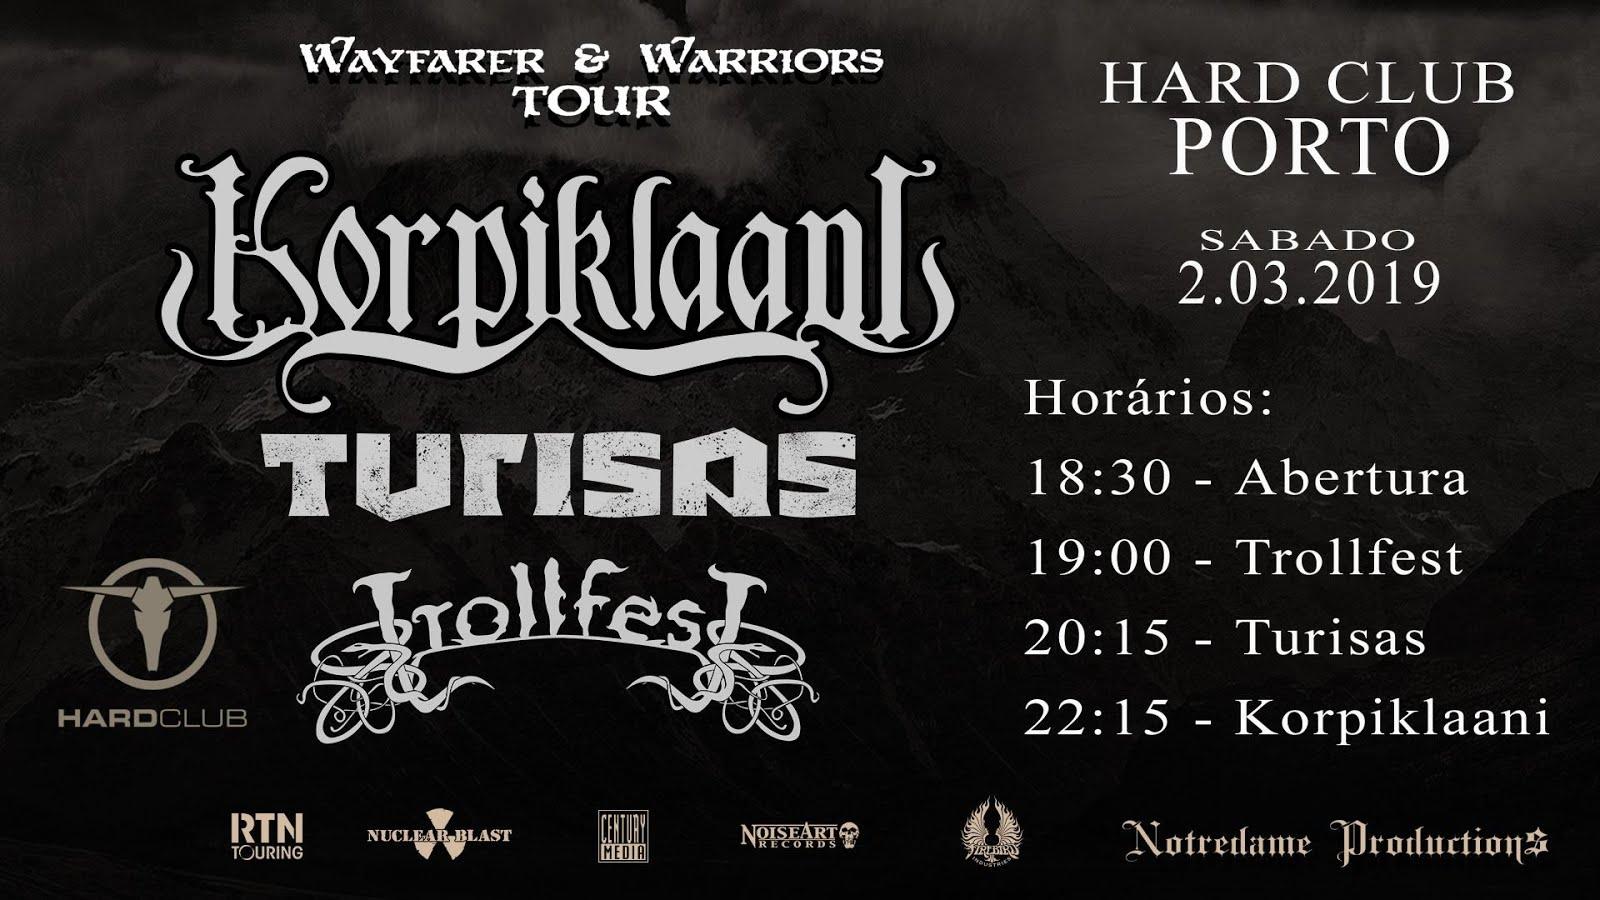 Korpiklaani + Turisas + Trollfest @ Hard Club